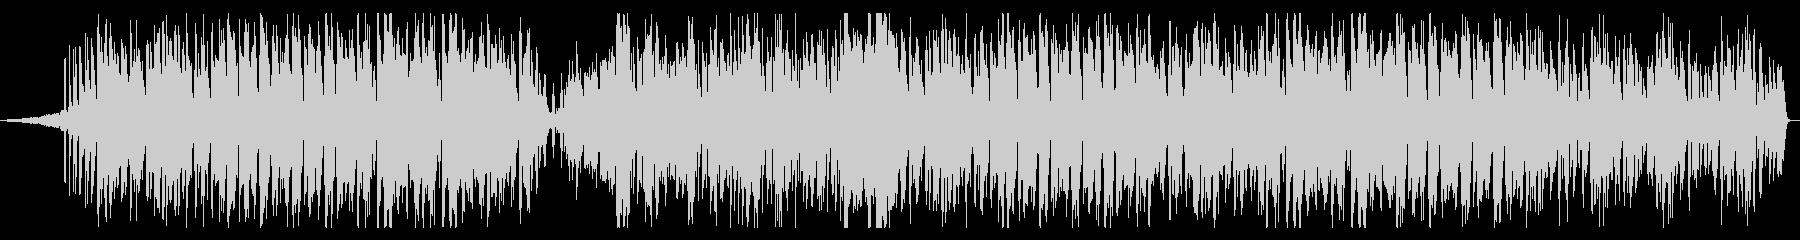 シンプルなコード進行で聴きやすいです!の未再生の波形